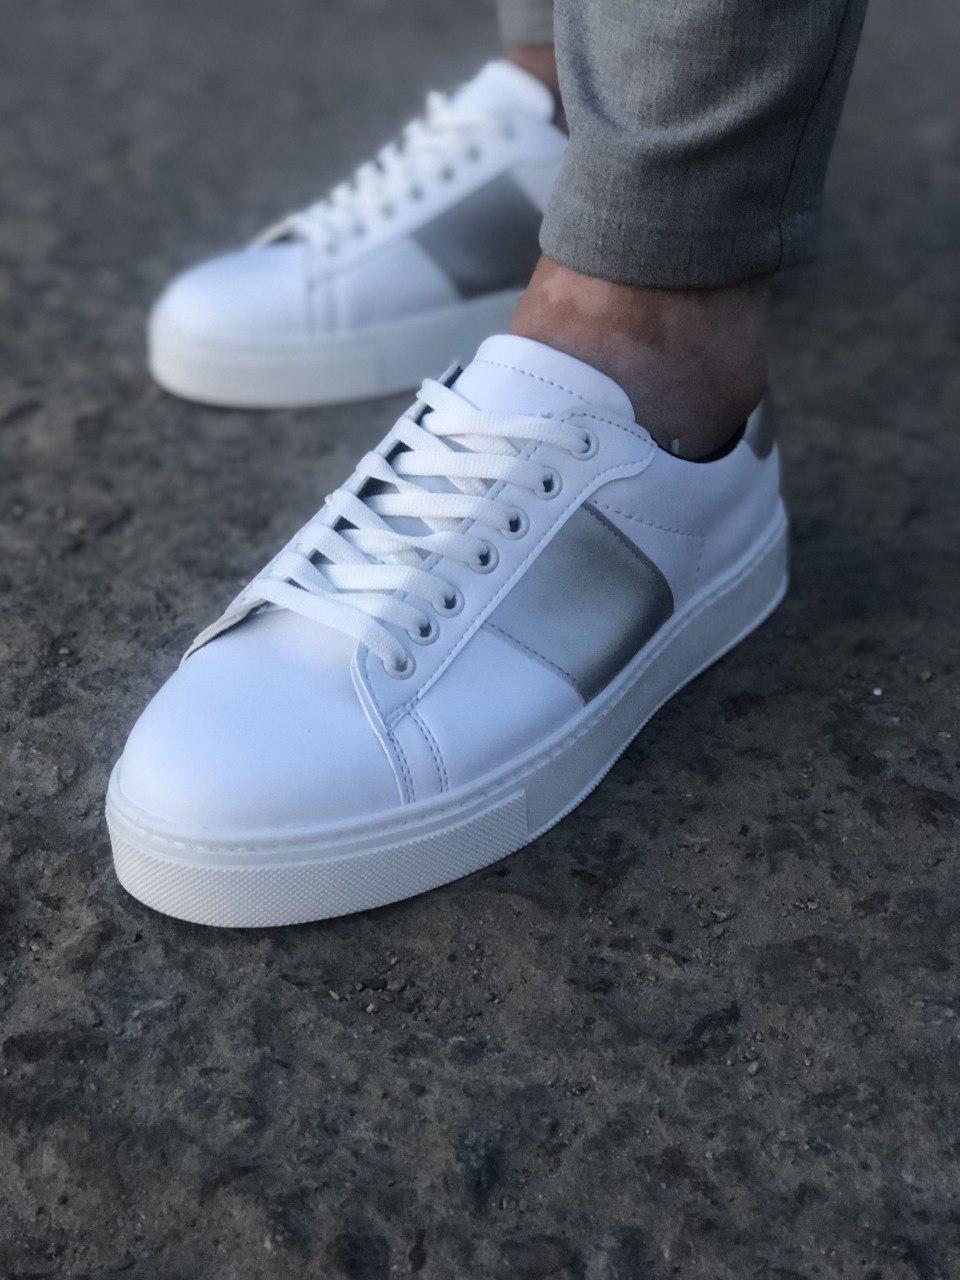 Мужские кроссовки Paul Cruz 14 white/grey